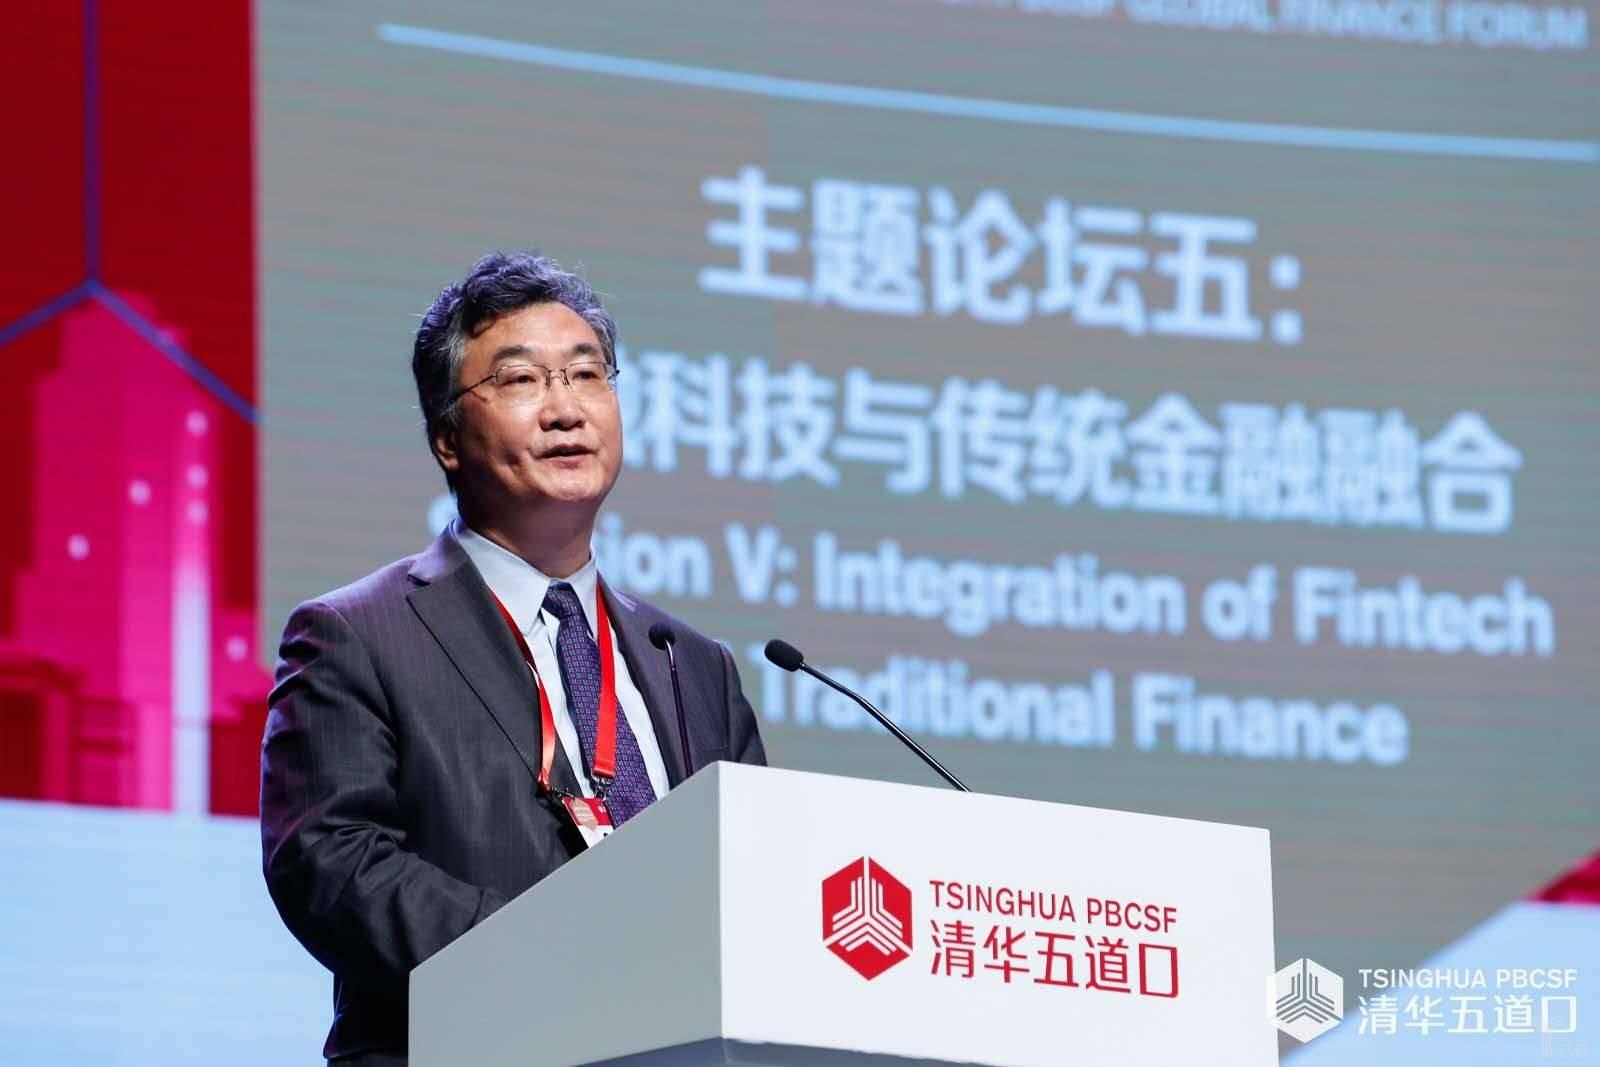 霍学文:对金融科技,必须加强监管